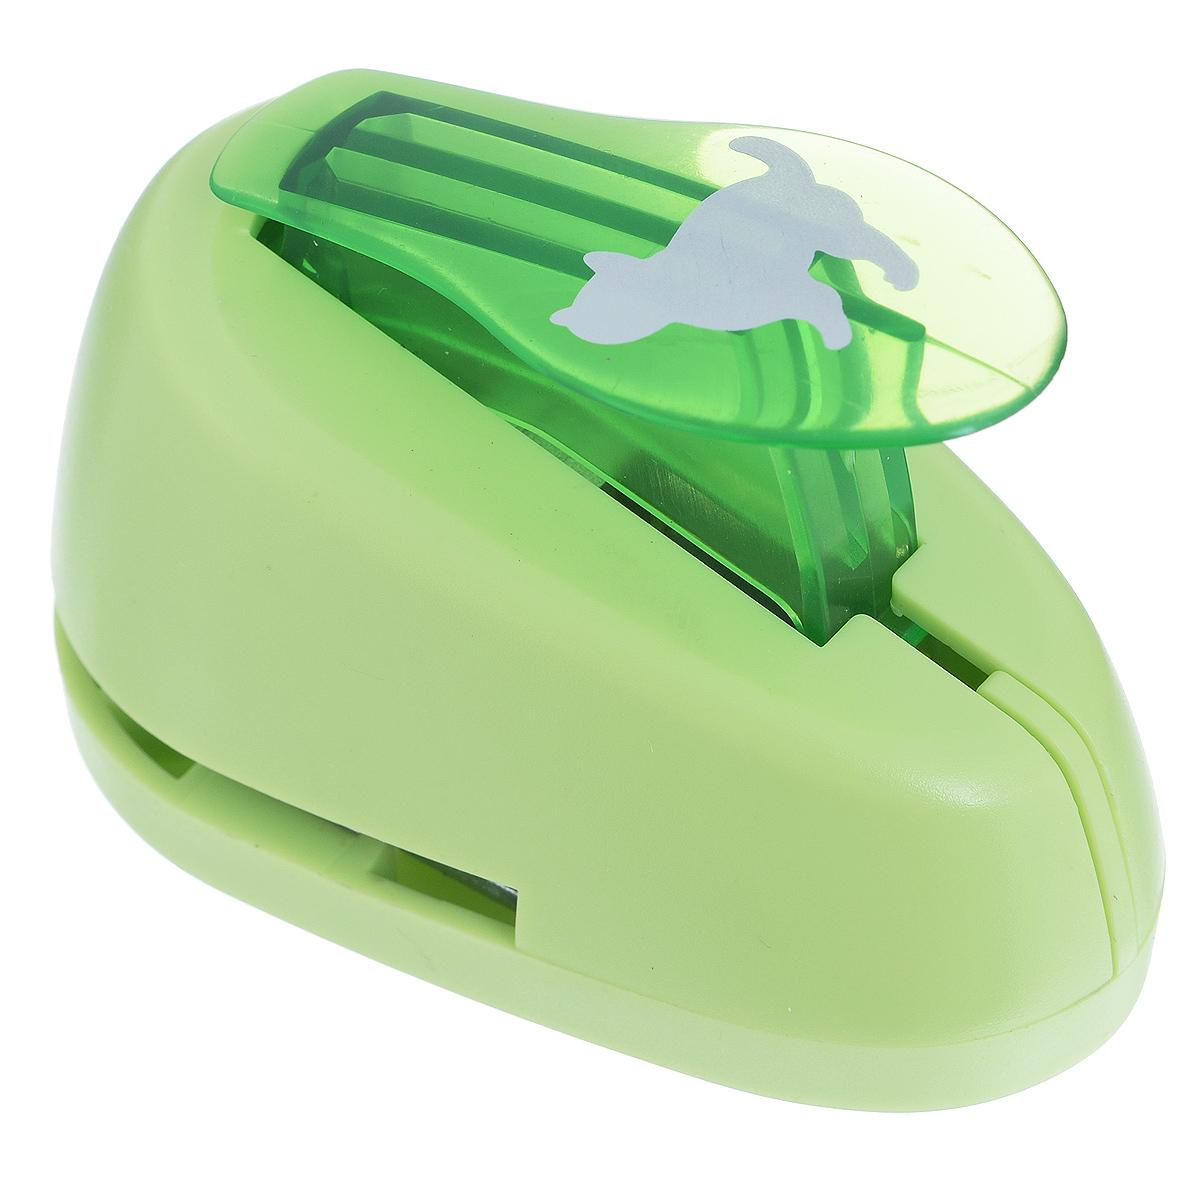 Дырокол фигурный Астра Кошка. CD-99MCD-99M-198Дырокол Астра Кошка поможет вам легко, просто и аккуратно вырезать много одинаковых мелких фигурок.Режущие части компостера закрыты пластмассовым корпусом, что обеспечивает безопасность для детей. Вырезанные фигурки накапливаются в специальном резервуаре. Можно использовать вырезанные мотивы как конфетти или для наклеивания. Дырокол подходит для разных техник: декупажа, скрапбукинга, декорирования.Размер дырокола: 8 см х 5 см х 5 см. Размер готовой фигурки: 2 см х 1,7 см.